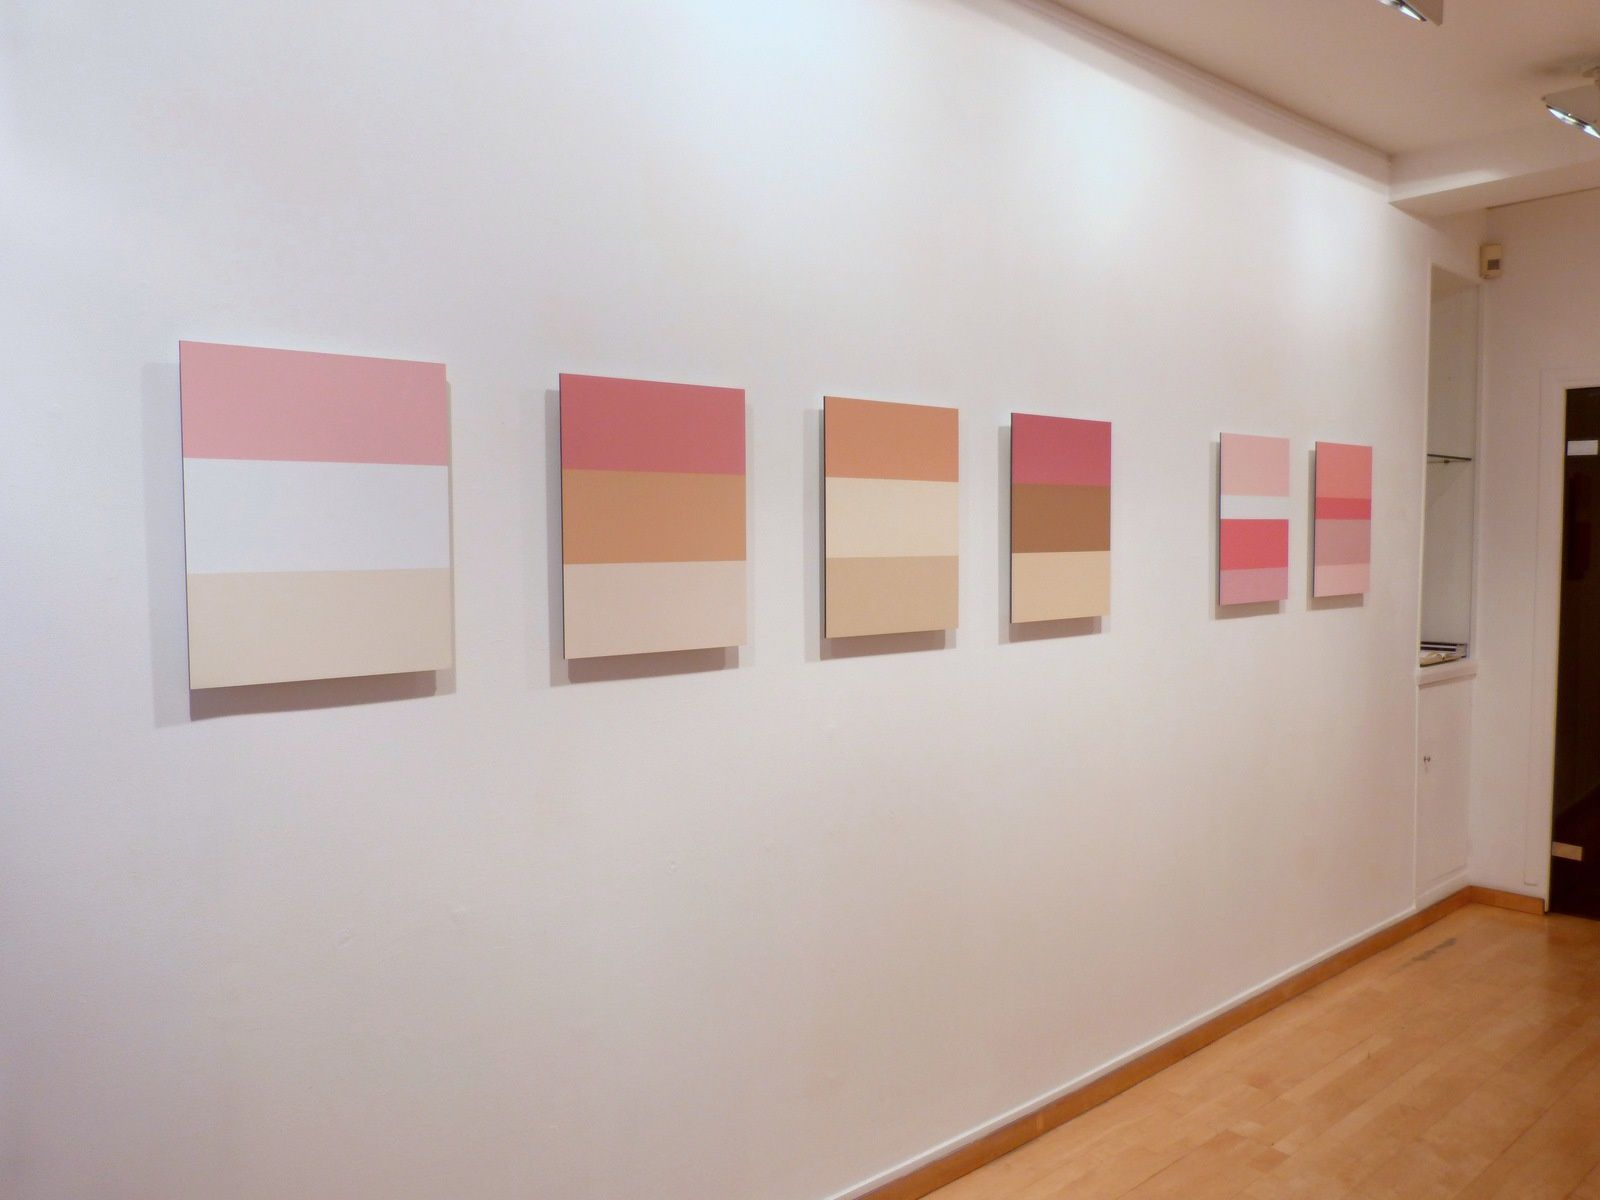 vue de l'exposition, copyright : Aurélie Noury